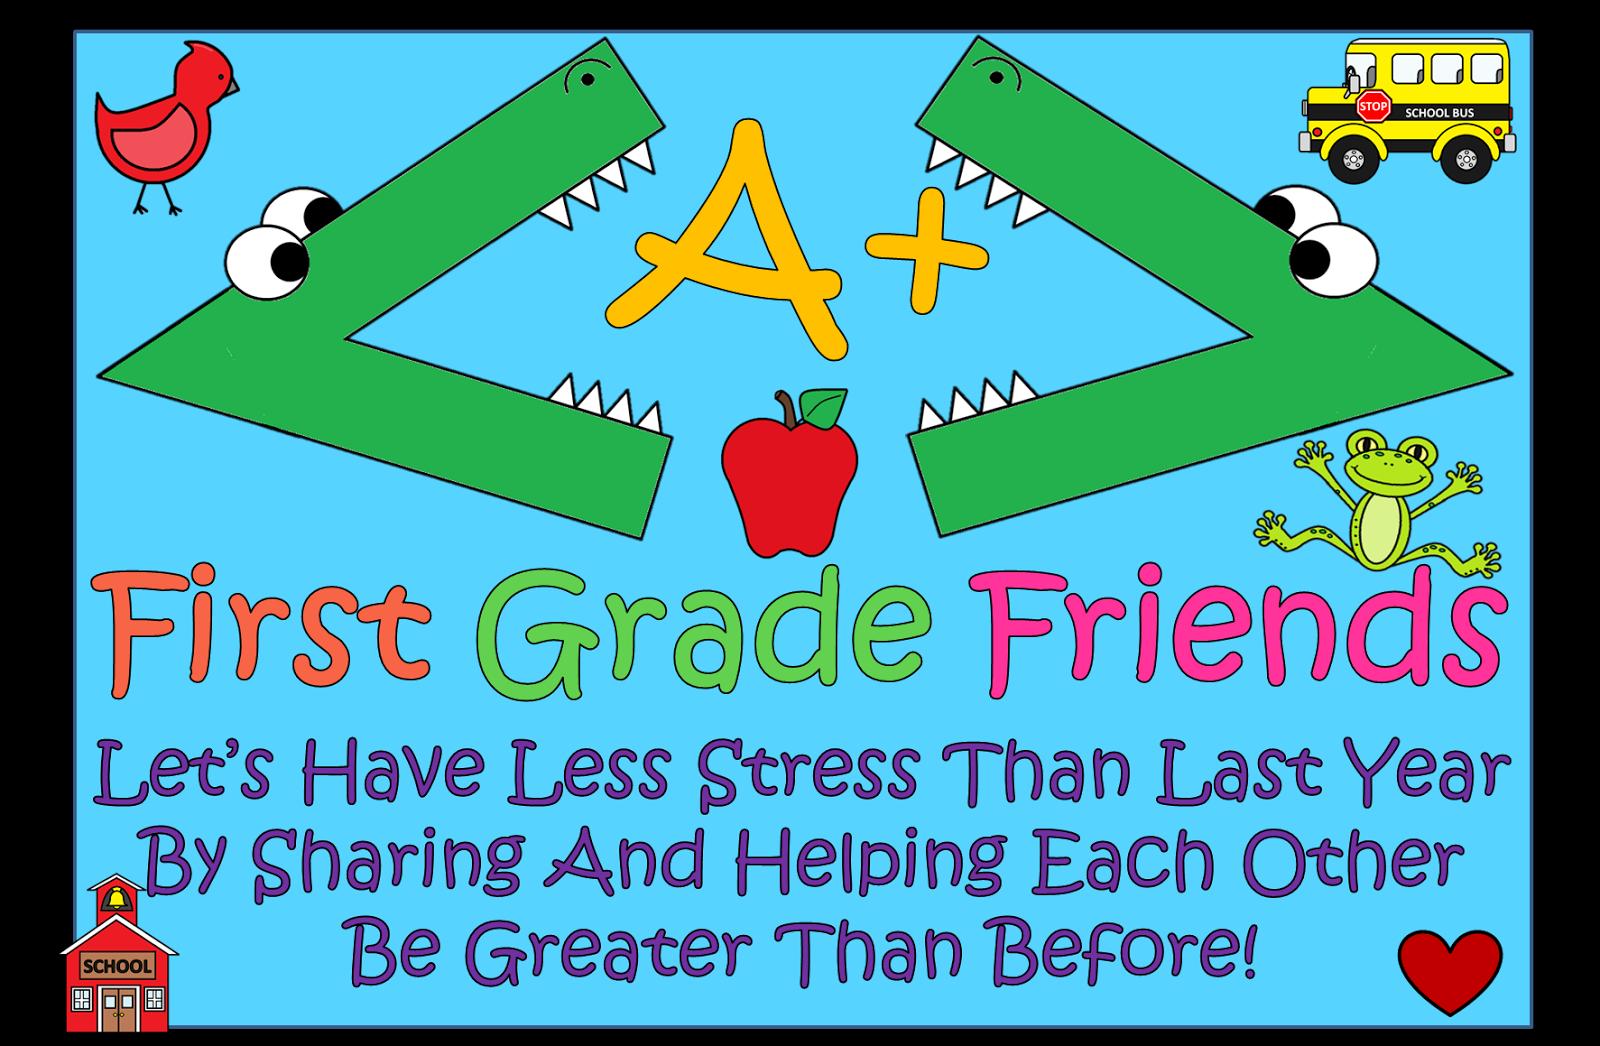 http://www.pinterest.com/reginadavis4/a%2B-first-grade-friends/